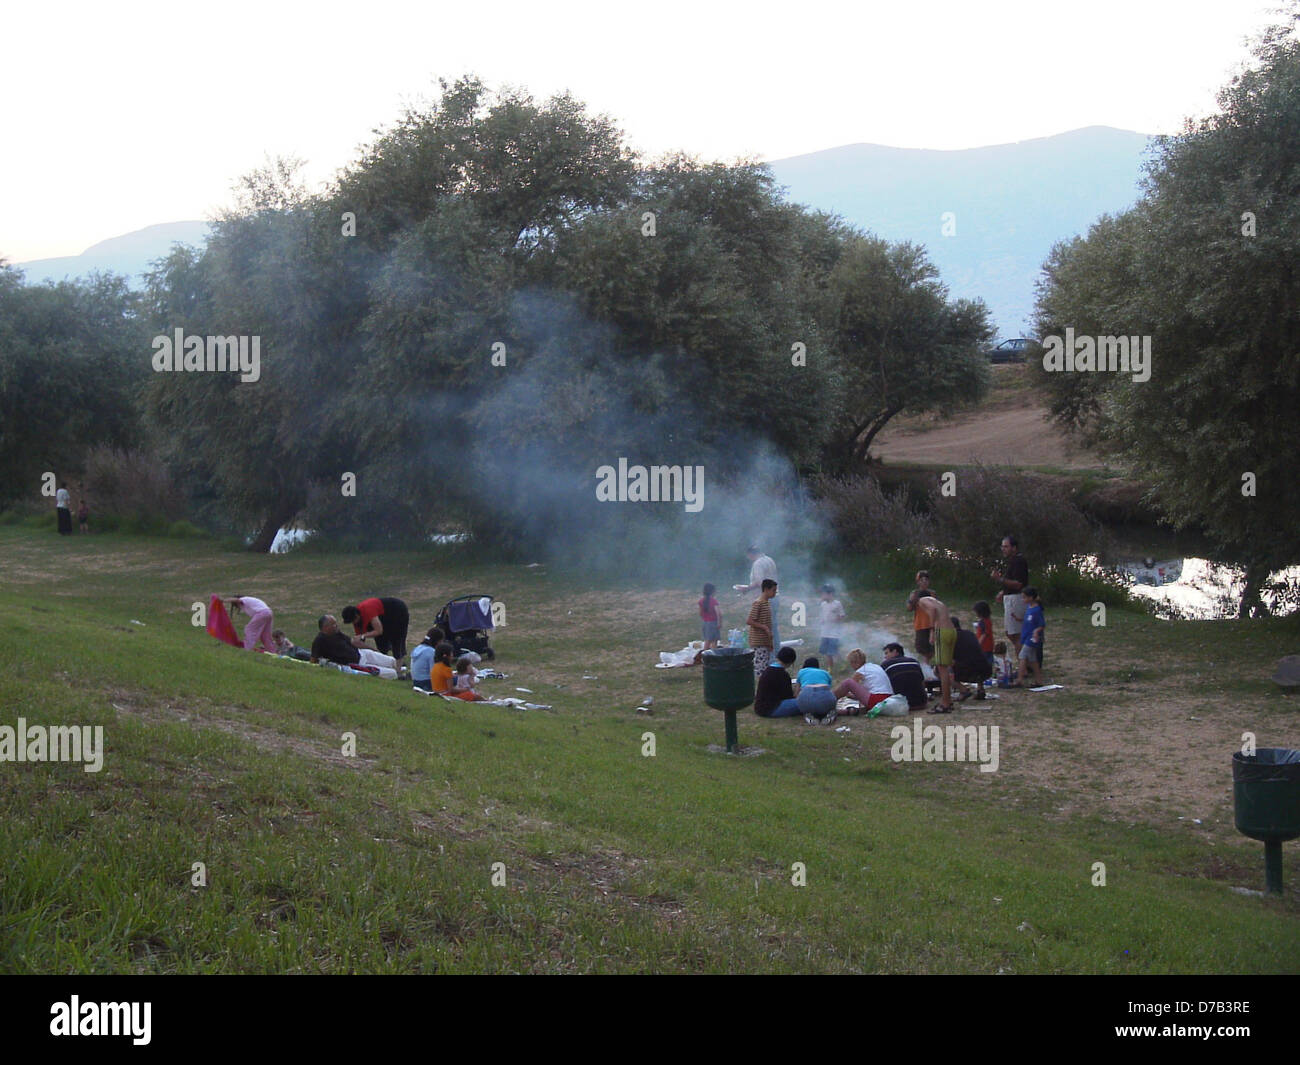 Pique-nique en famille à shvilei sde nehemya ami près de par le Jourdain Photo Stock